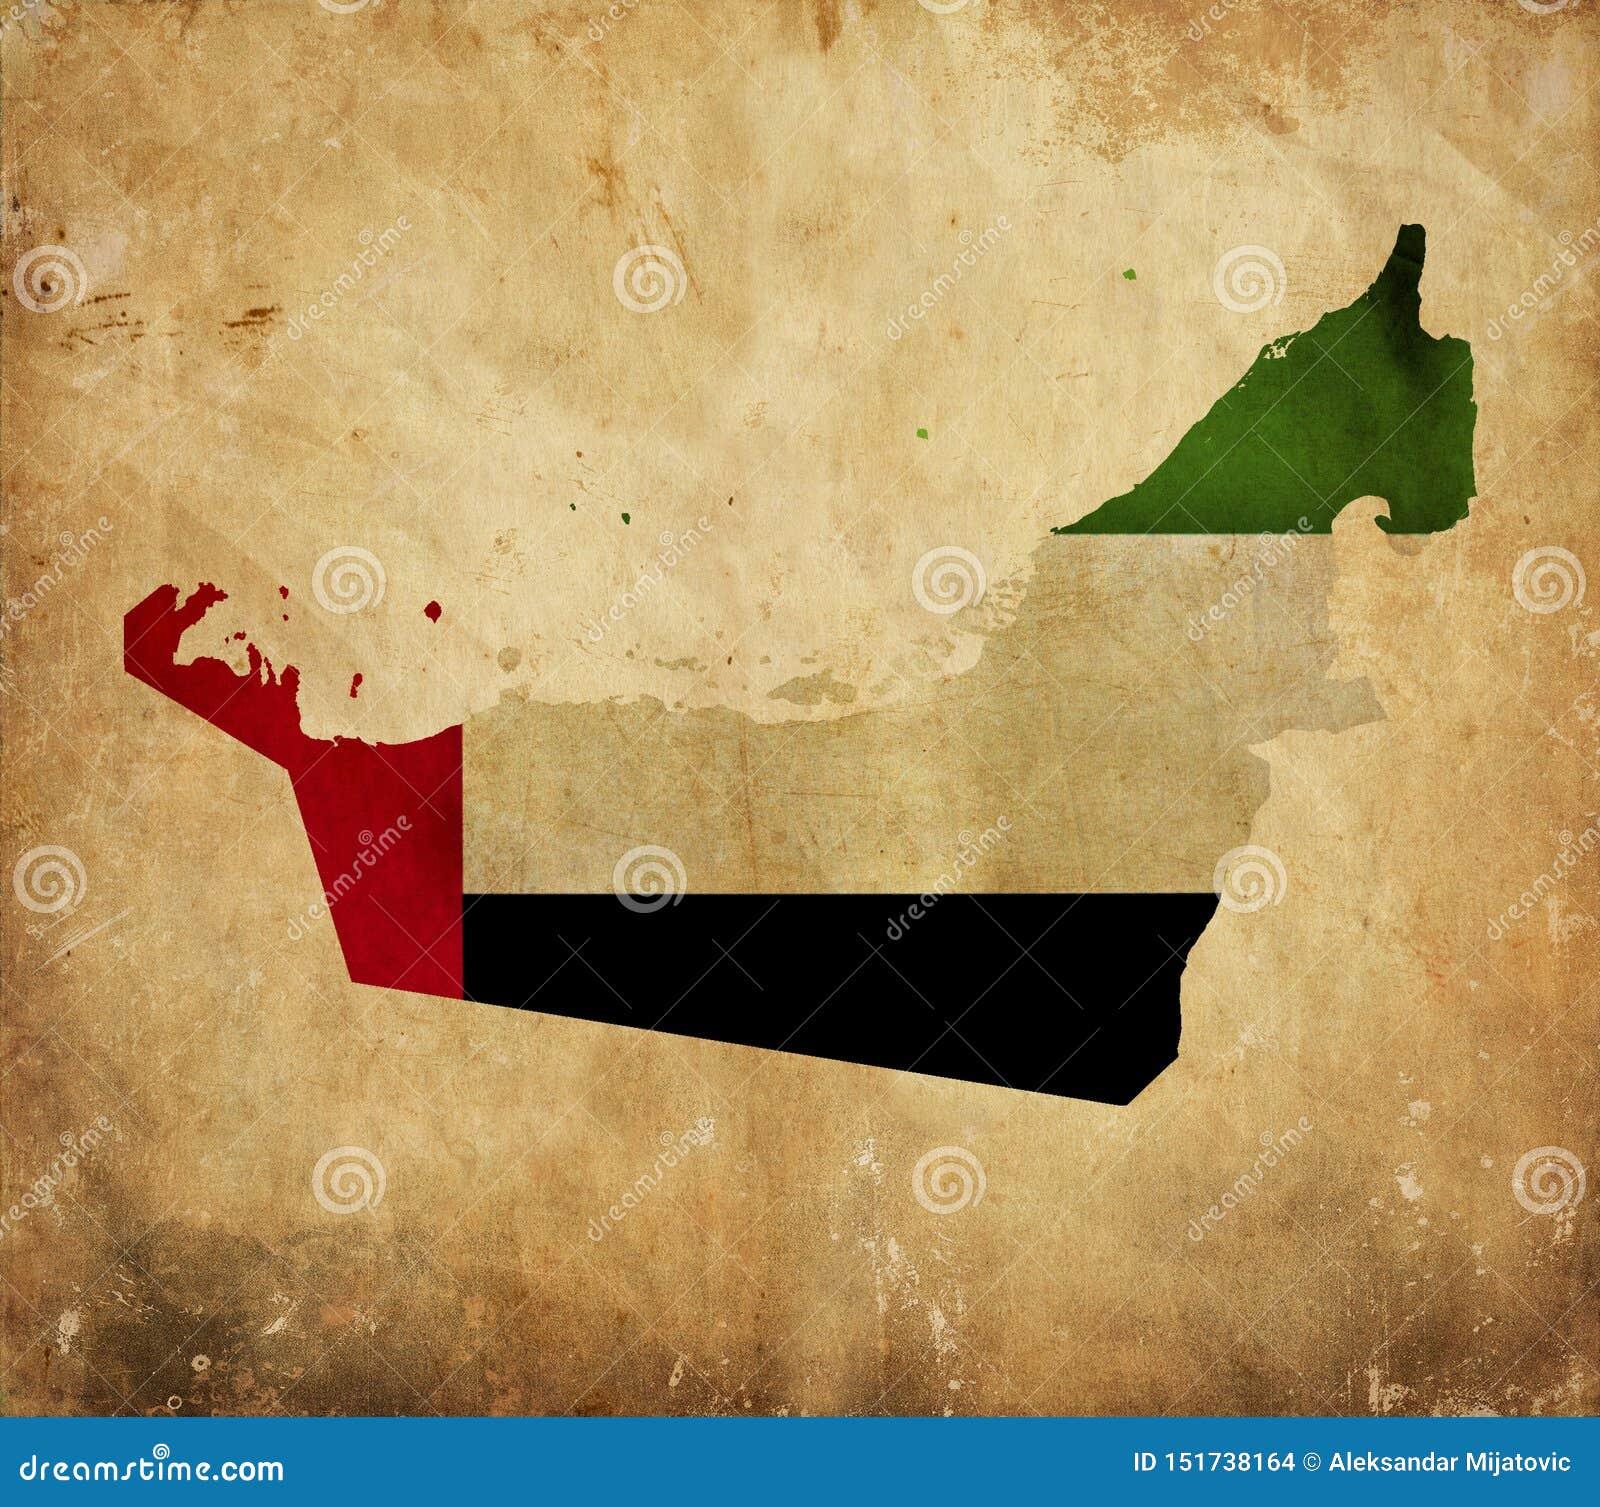 Uitstekende kaart van Verenigde Arabische Emiraten op grungedocument